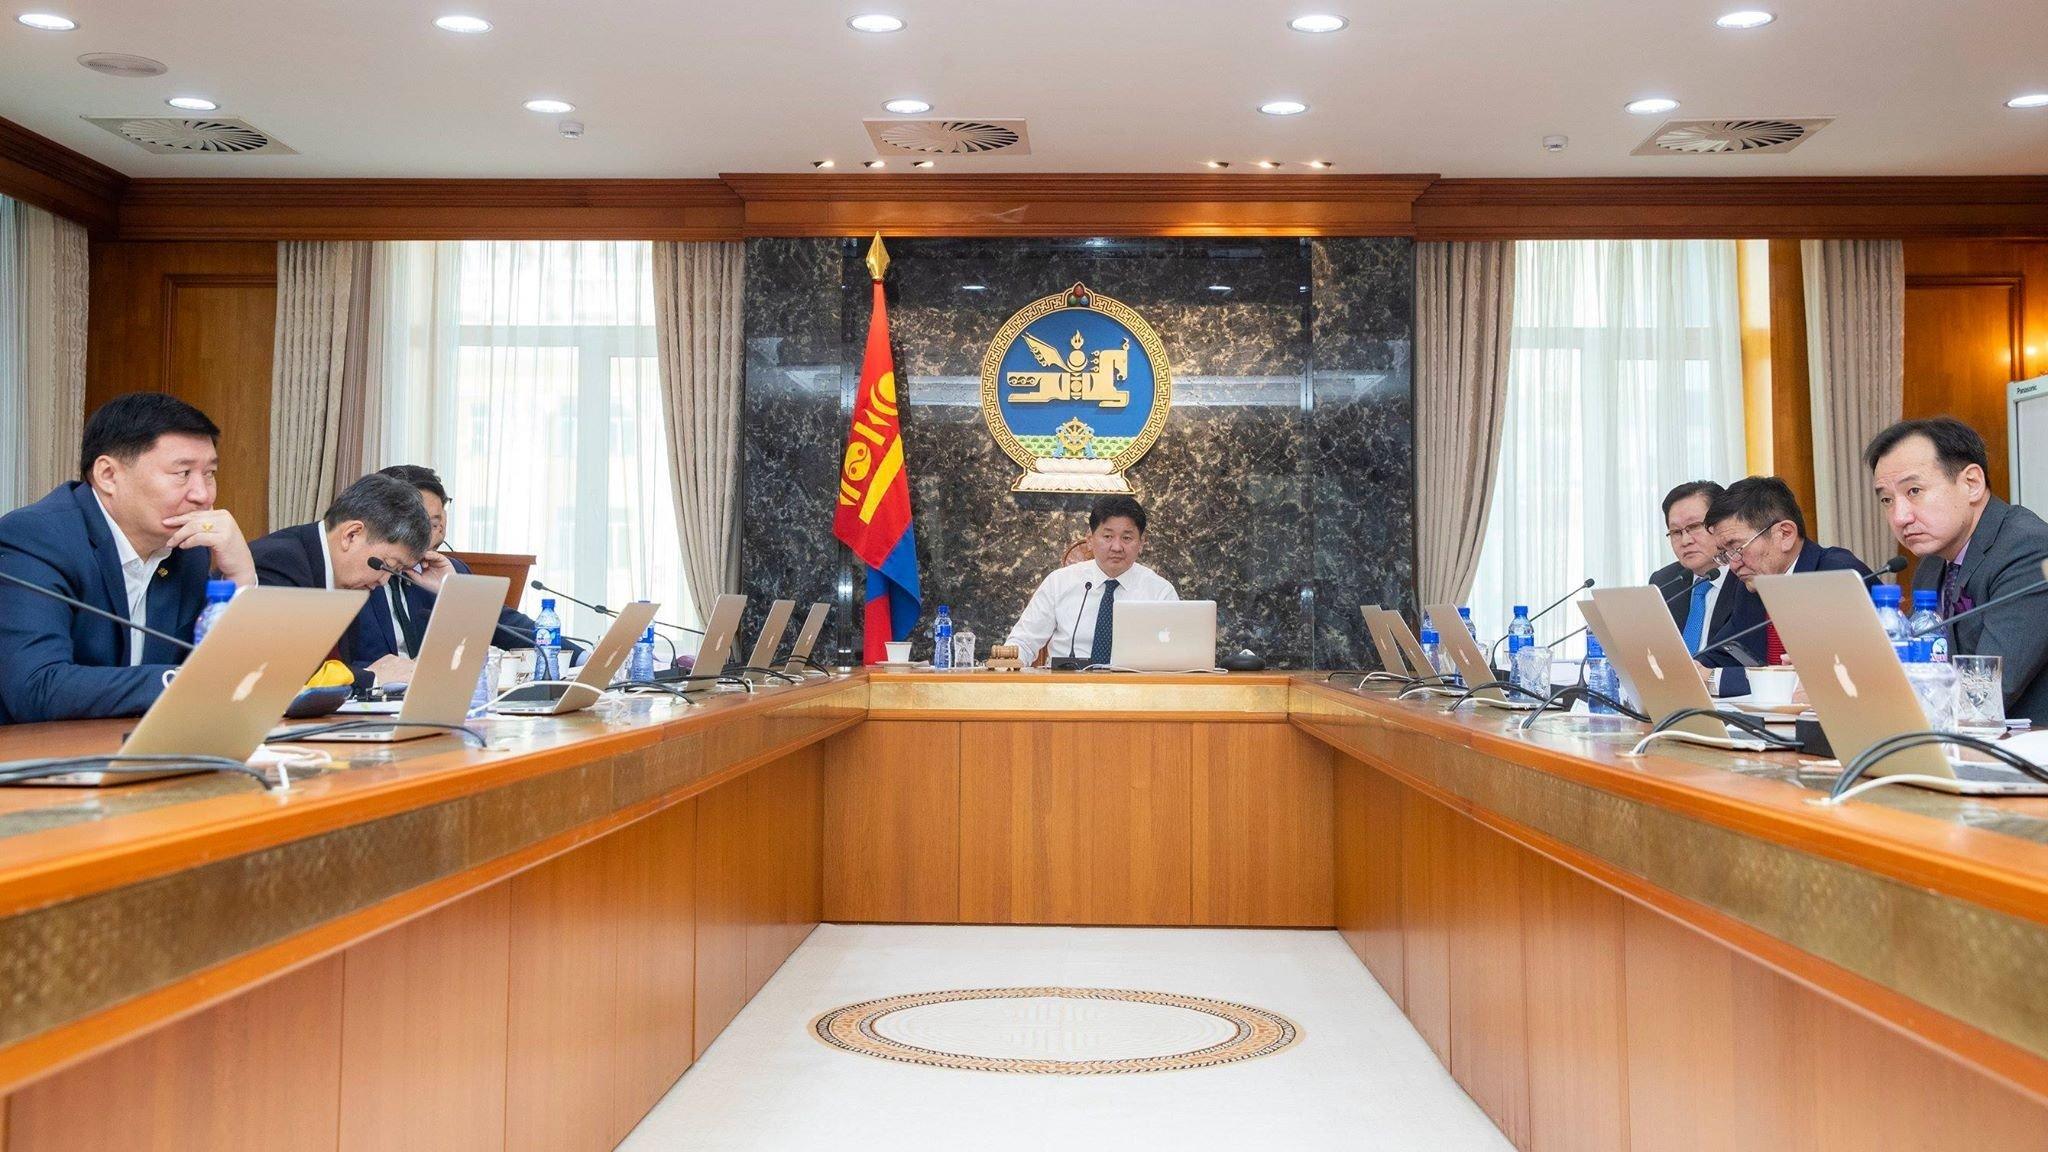 """""""Монгол Улсын 2018 оны төсвийн гүйцэтгэлийг батлах тухай"""" тогтоолын төслийг УИХ-д өргөн мэдүүлнэ"""